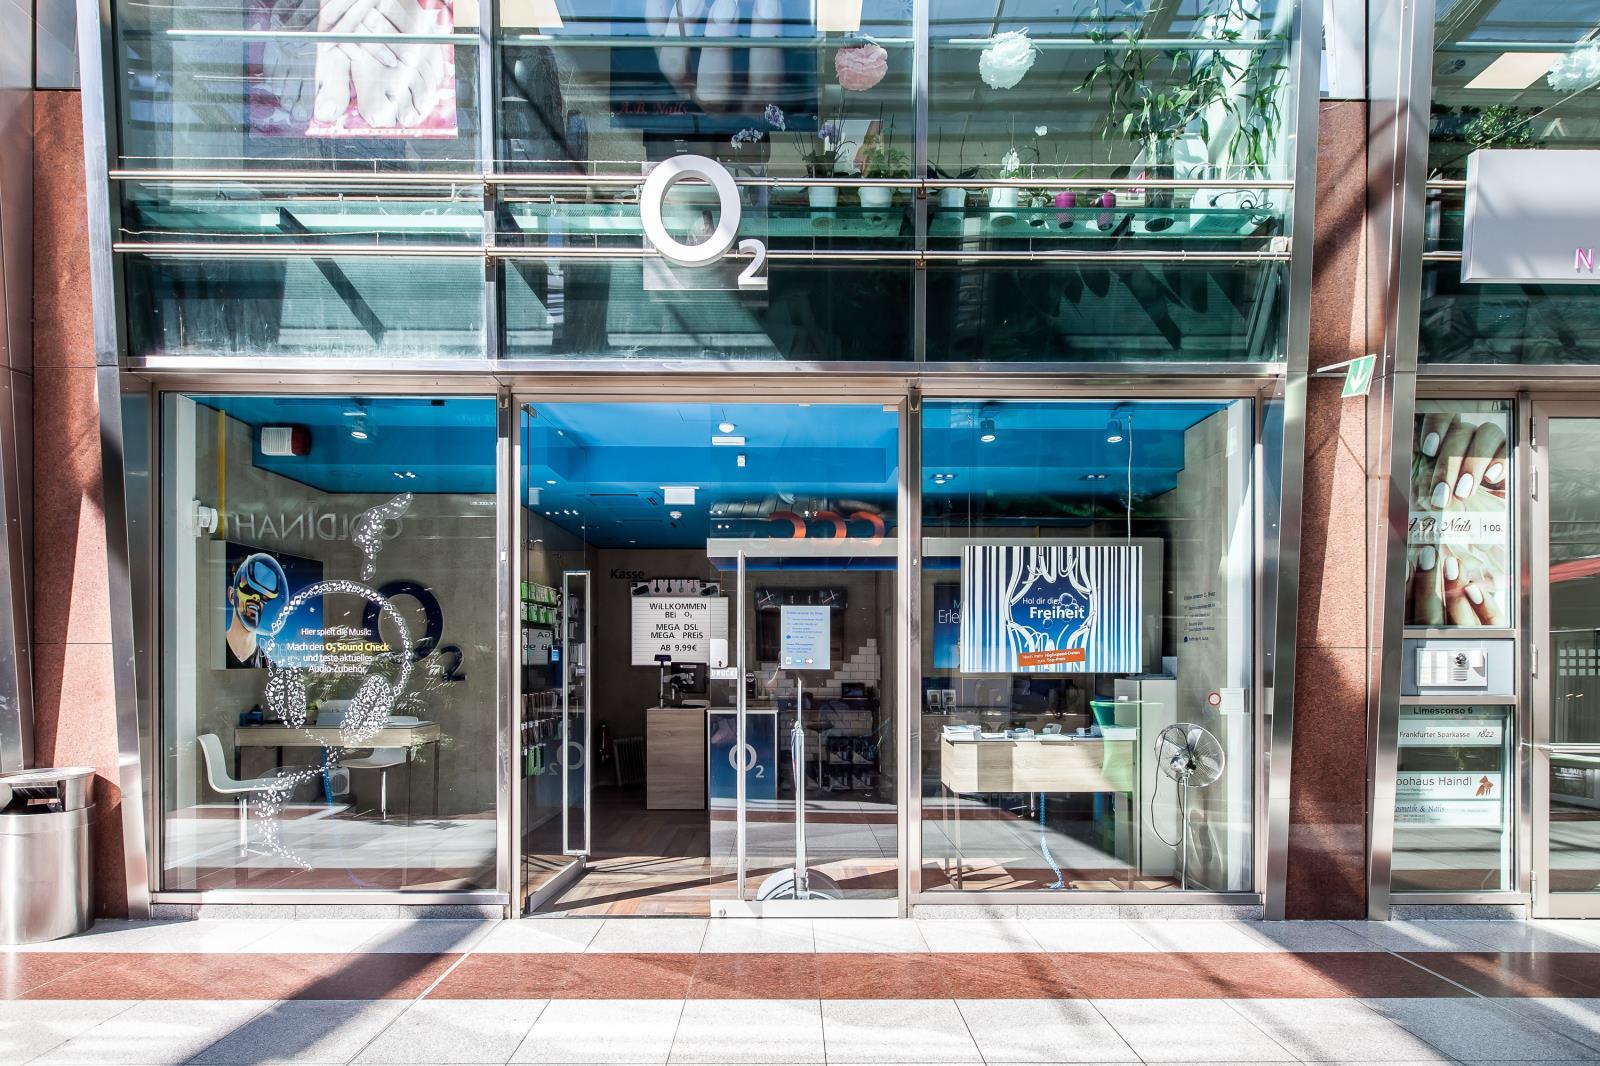 o2 Shop, Limescorso 6 in Frankfurt am Main